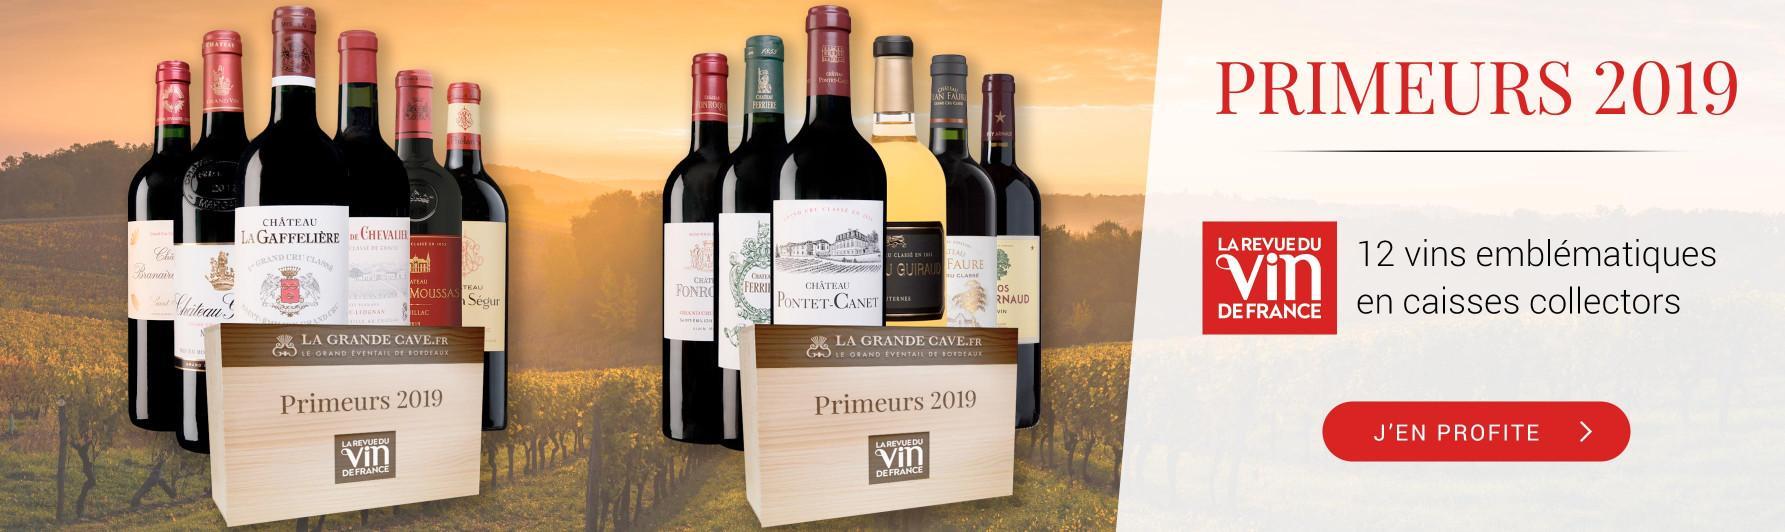 Primeurs 2019 : Caisses RVF